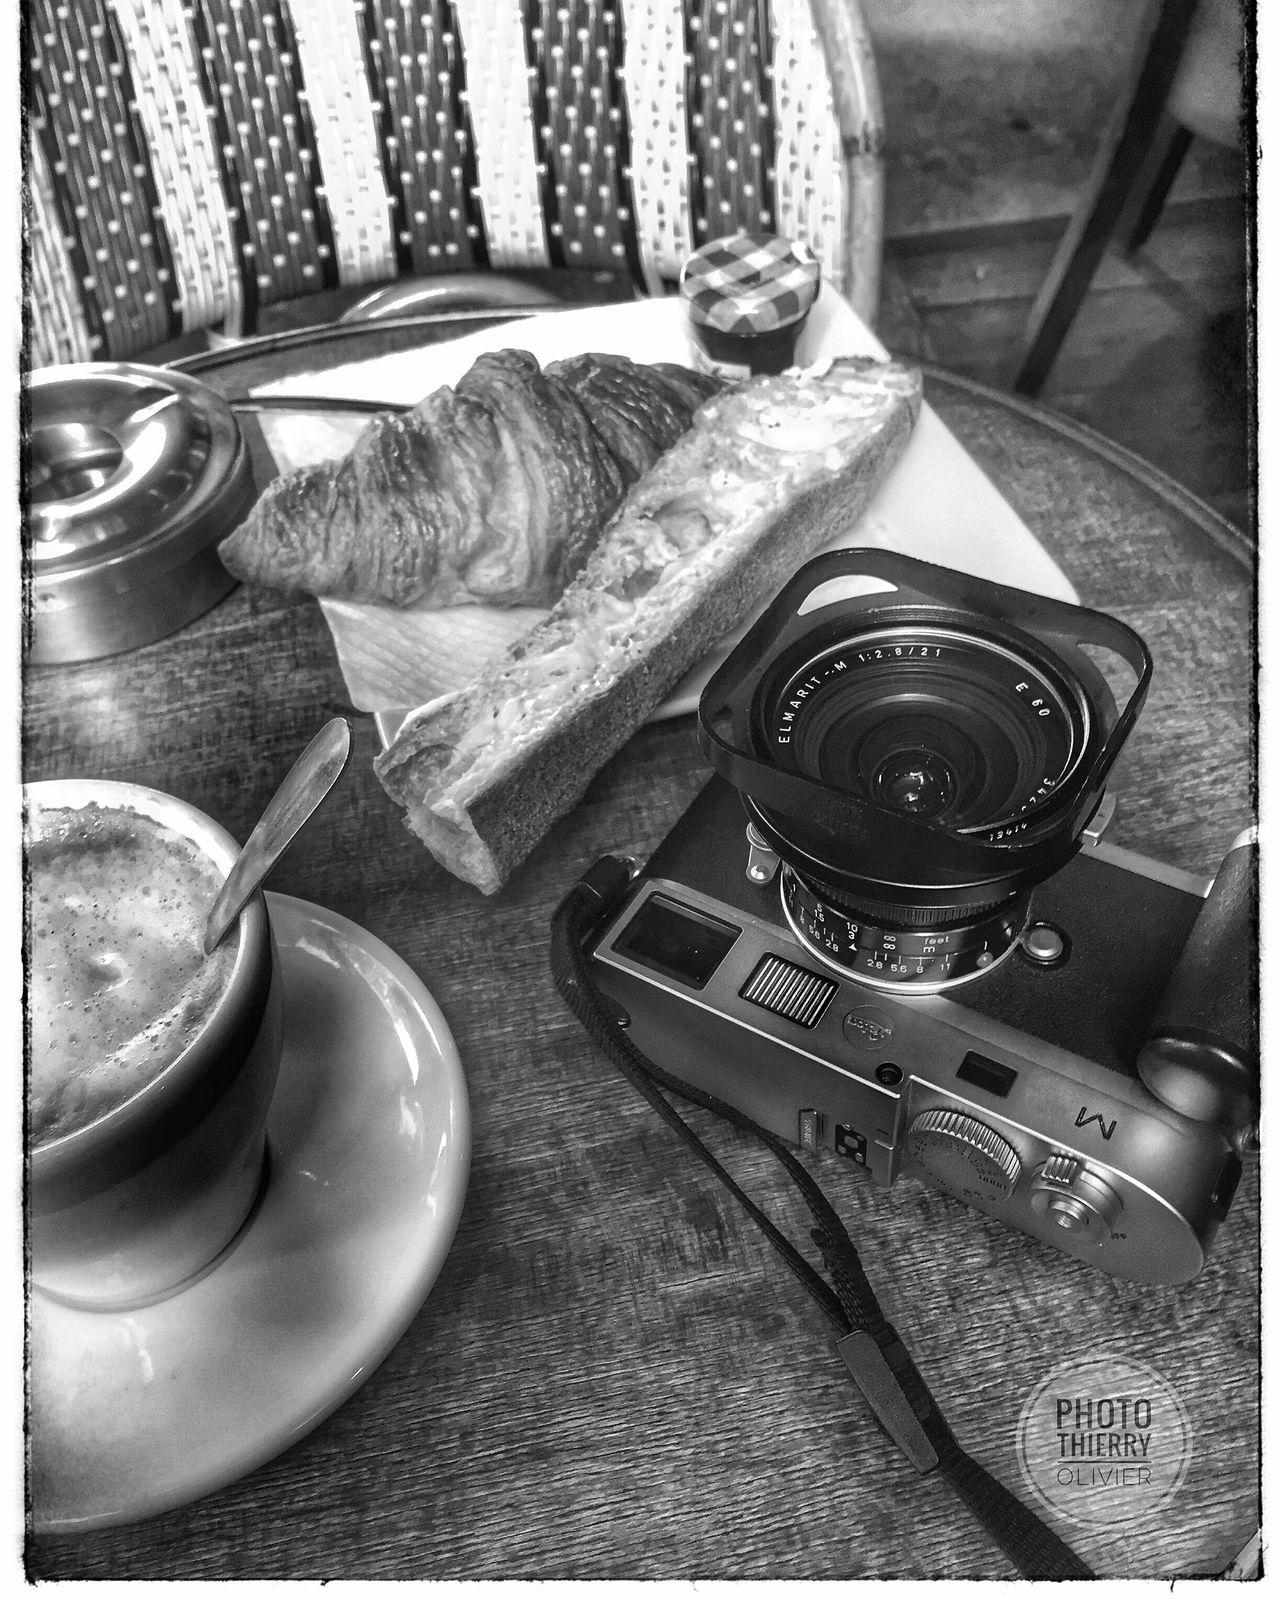 Café Pasteur Pasteur Paris Presse Rural Scenes Artphoto Art Gallery Art Journalism Press Photographer Noir Et Blanc Blackandwhite Photojournalism Photos Photo Photography France Artist Rural Scene Black And White